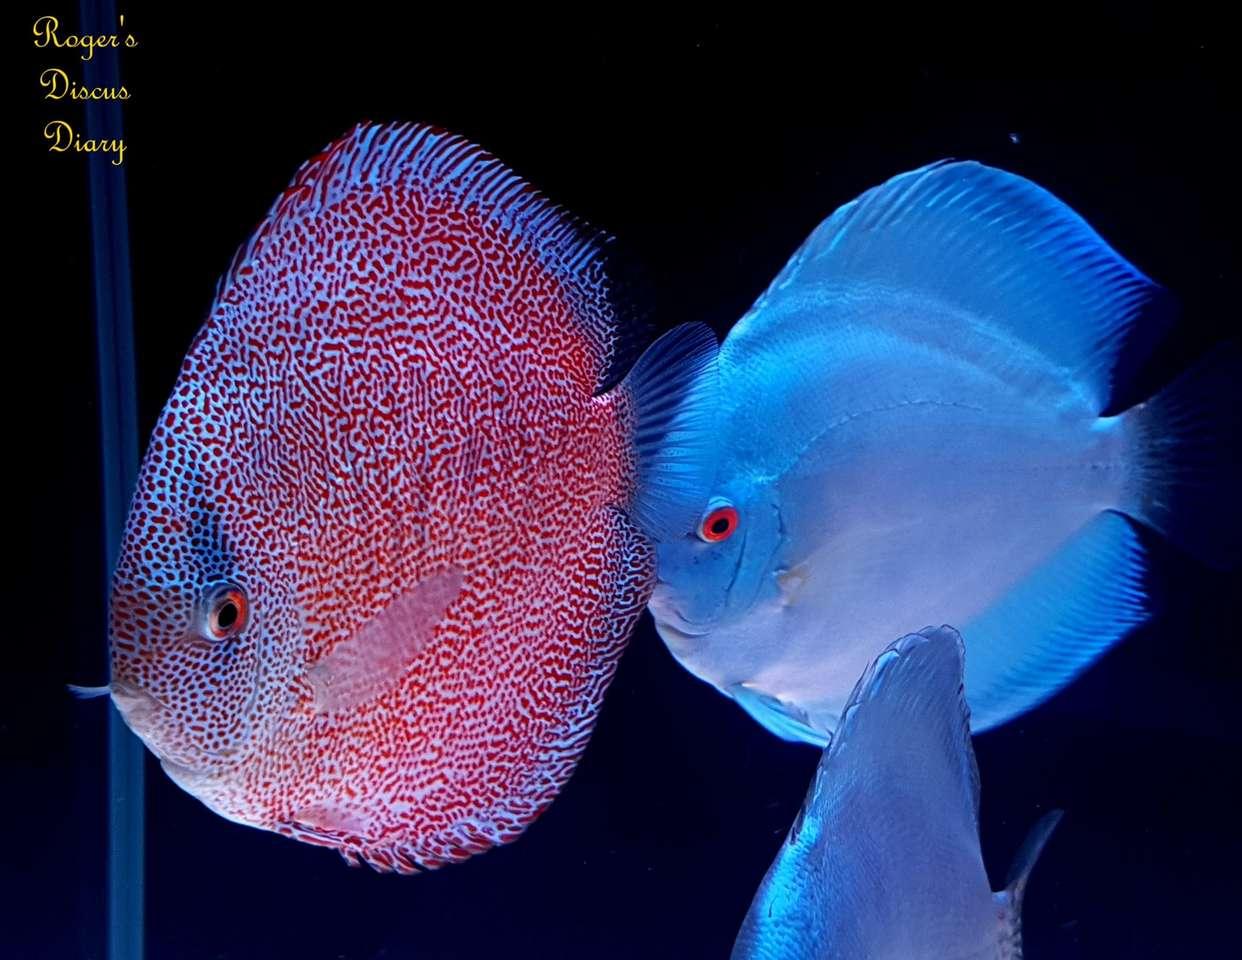 peixe disco - O peixe disco é um gênero de peixe da família dos ciclídeos. É nativo das áreas baixas do rio Amazonas e seus afluentes, pertence à família dos ciclídeos de origem sul-americana. São geralme (20×16)